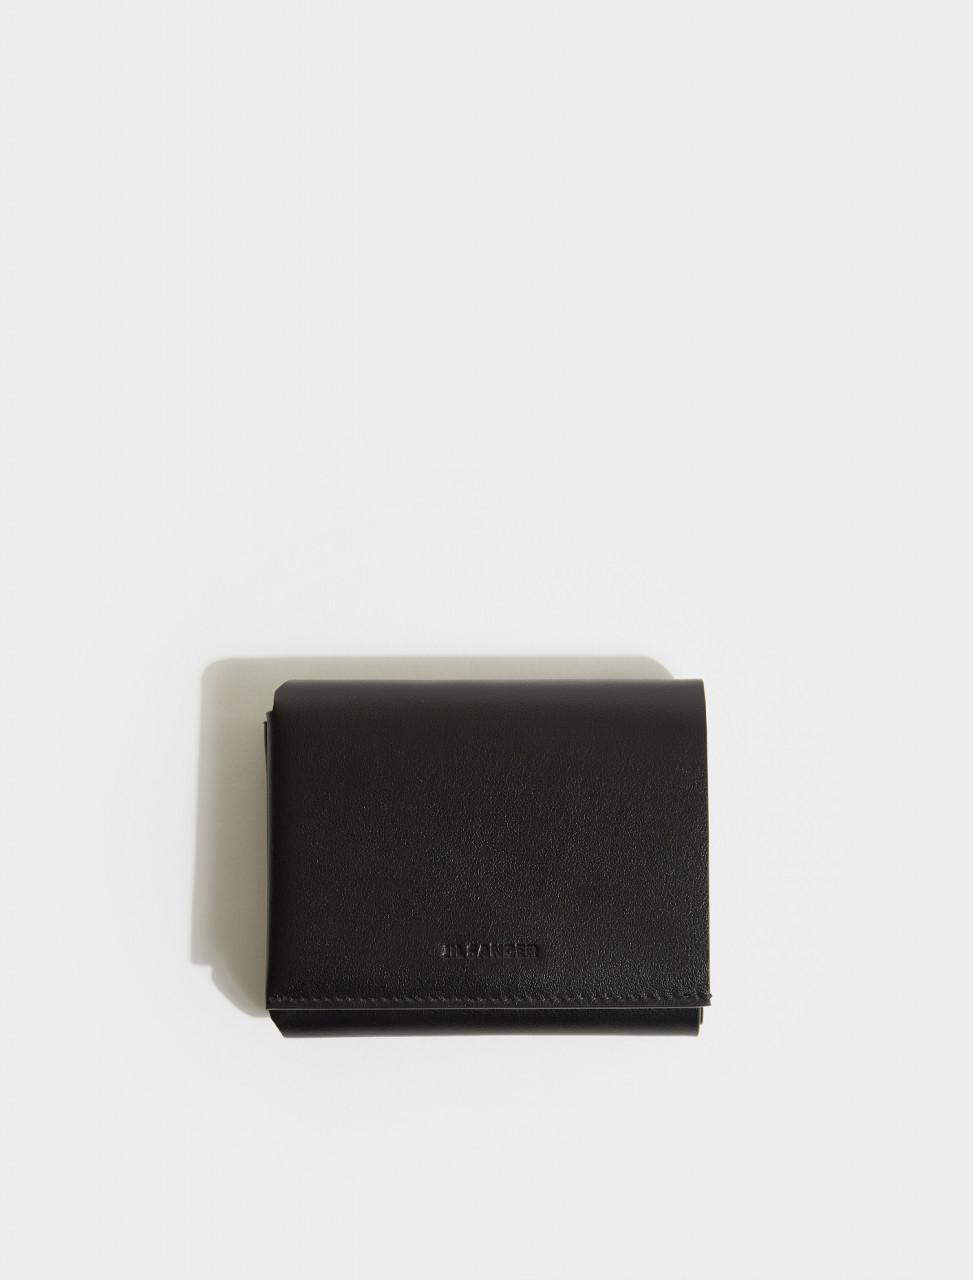 JSMS840112-MSS0008N-001 JIL SANDER ORIGAMI WALLET IN BLACK